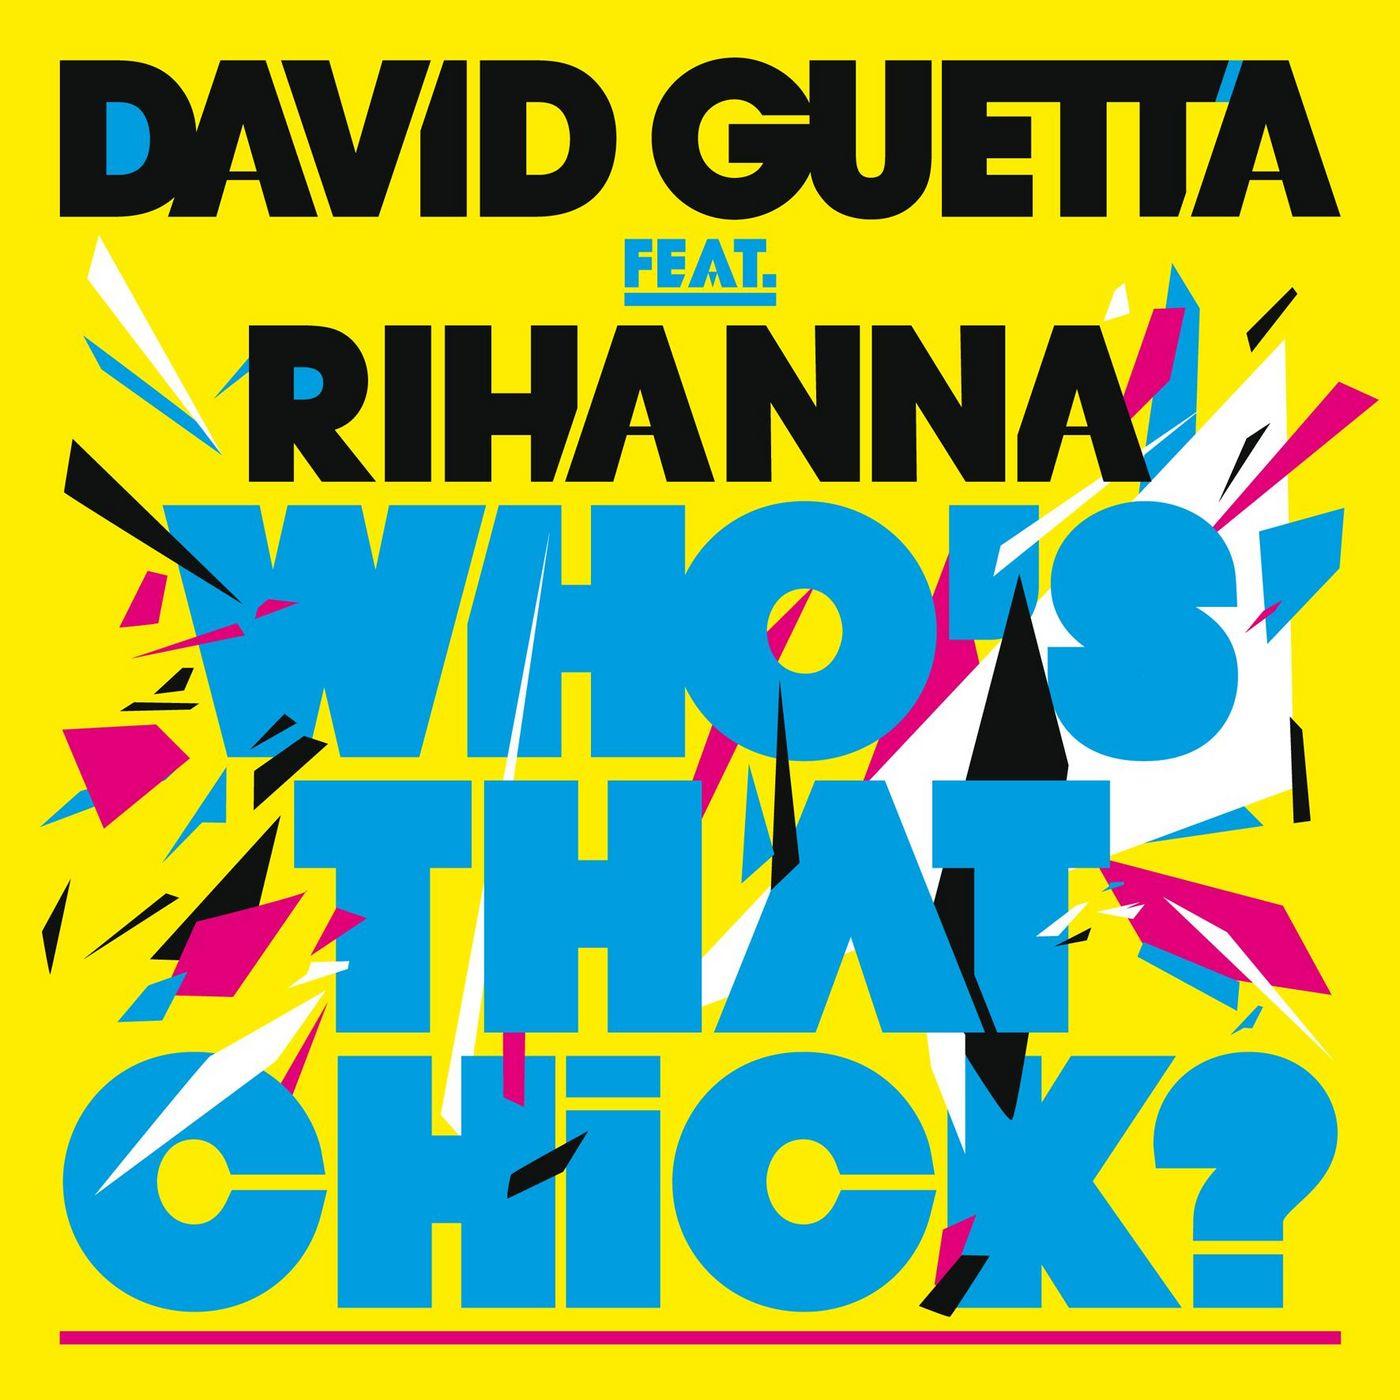 http://4.bp.blogspot.com/_sPtFUjwMdXo/TUQCA4jBnLI/AAAAAAAAAuo/1P2HdOzrIM8/s1600/DavidGuettaRihanna-WhosThatChick_coverHD.jpg